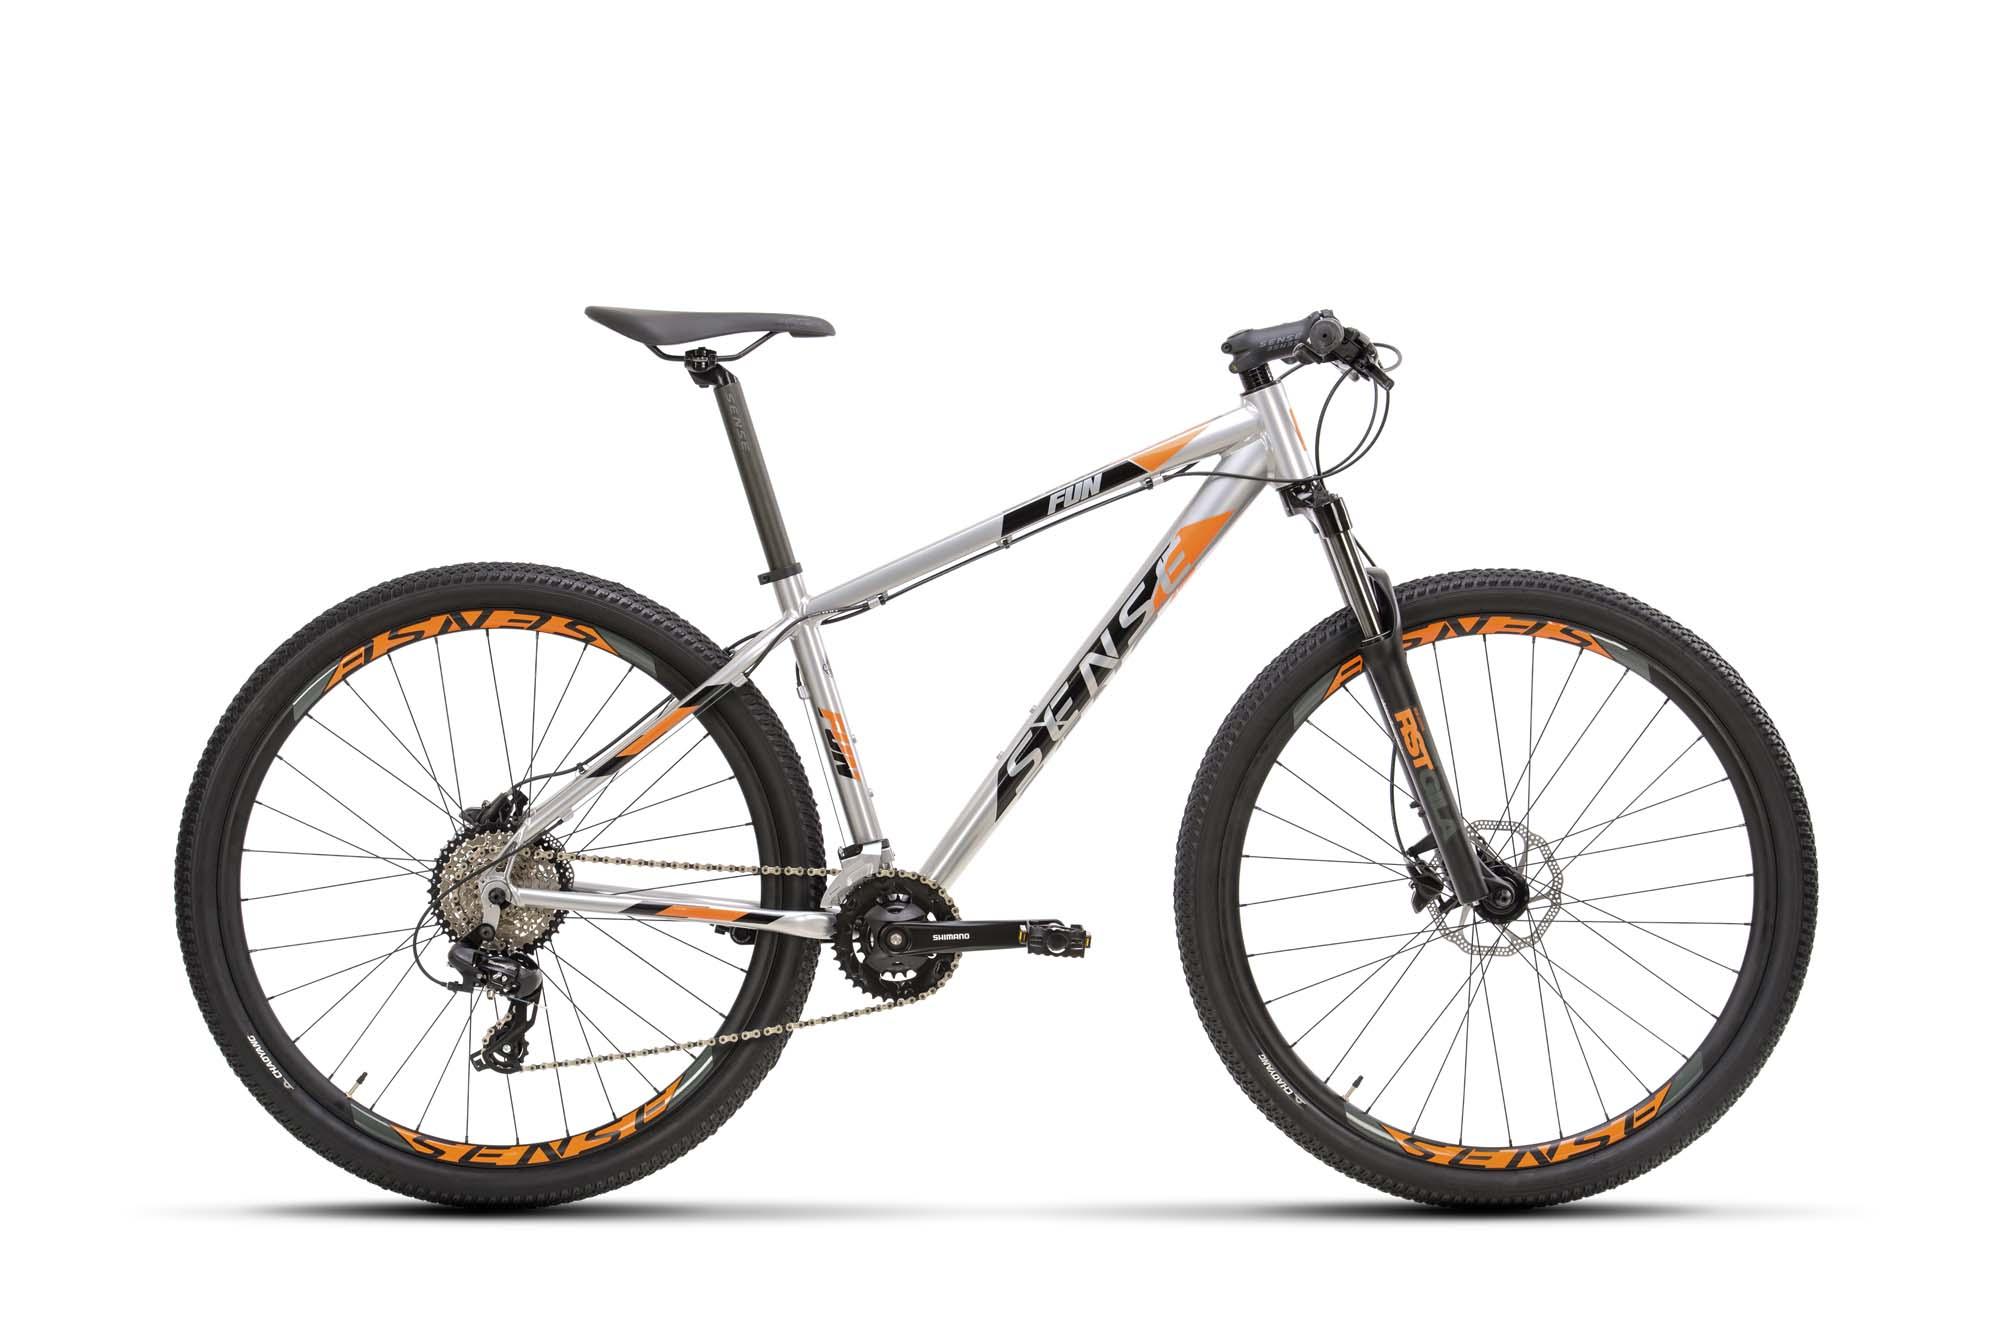 Bicicleta Sense Fun Comp TAM XL Alum/Lrj